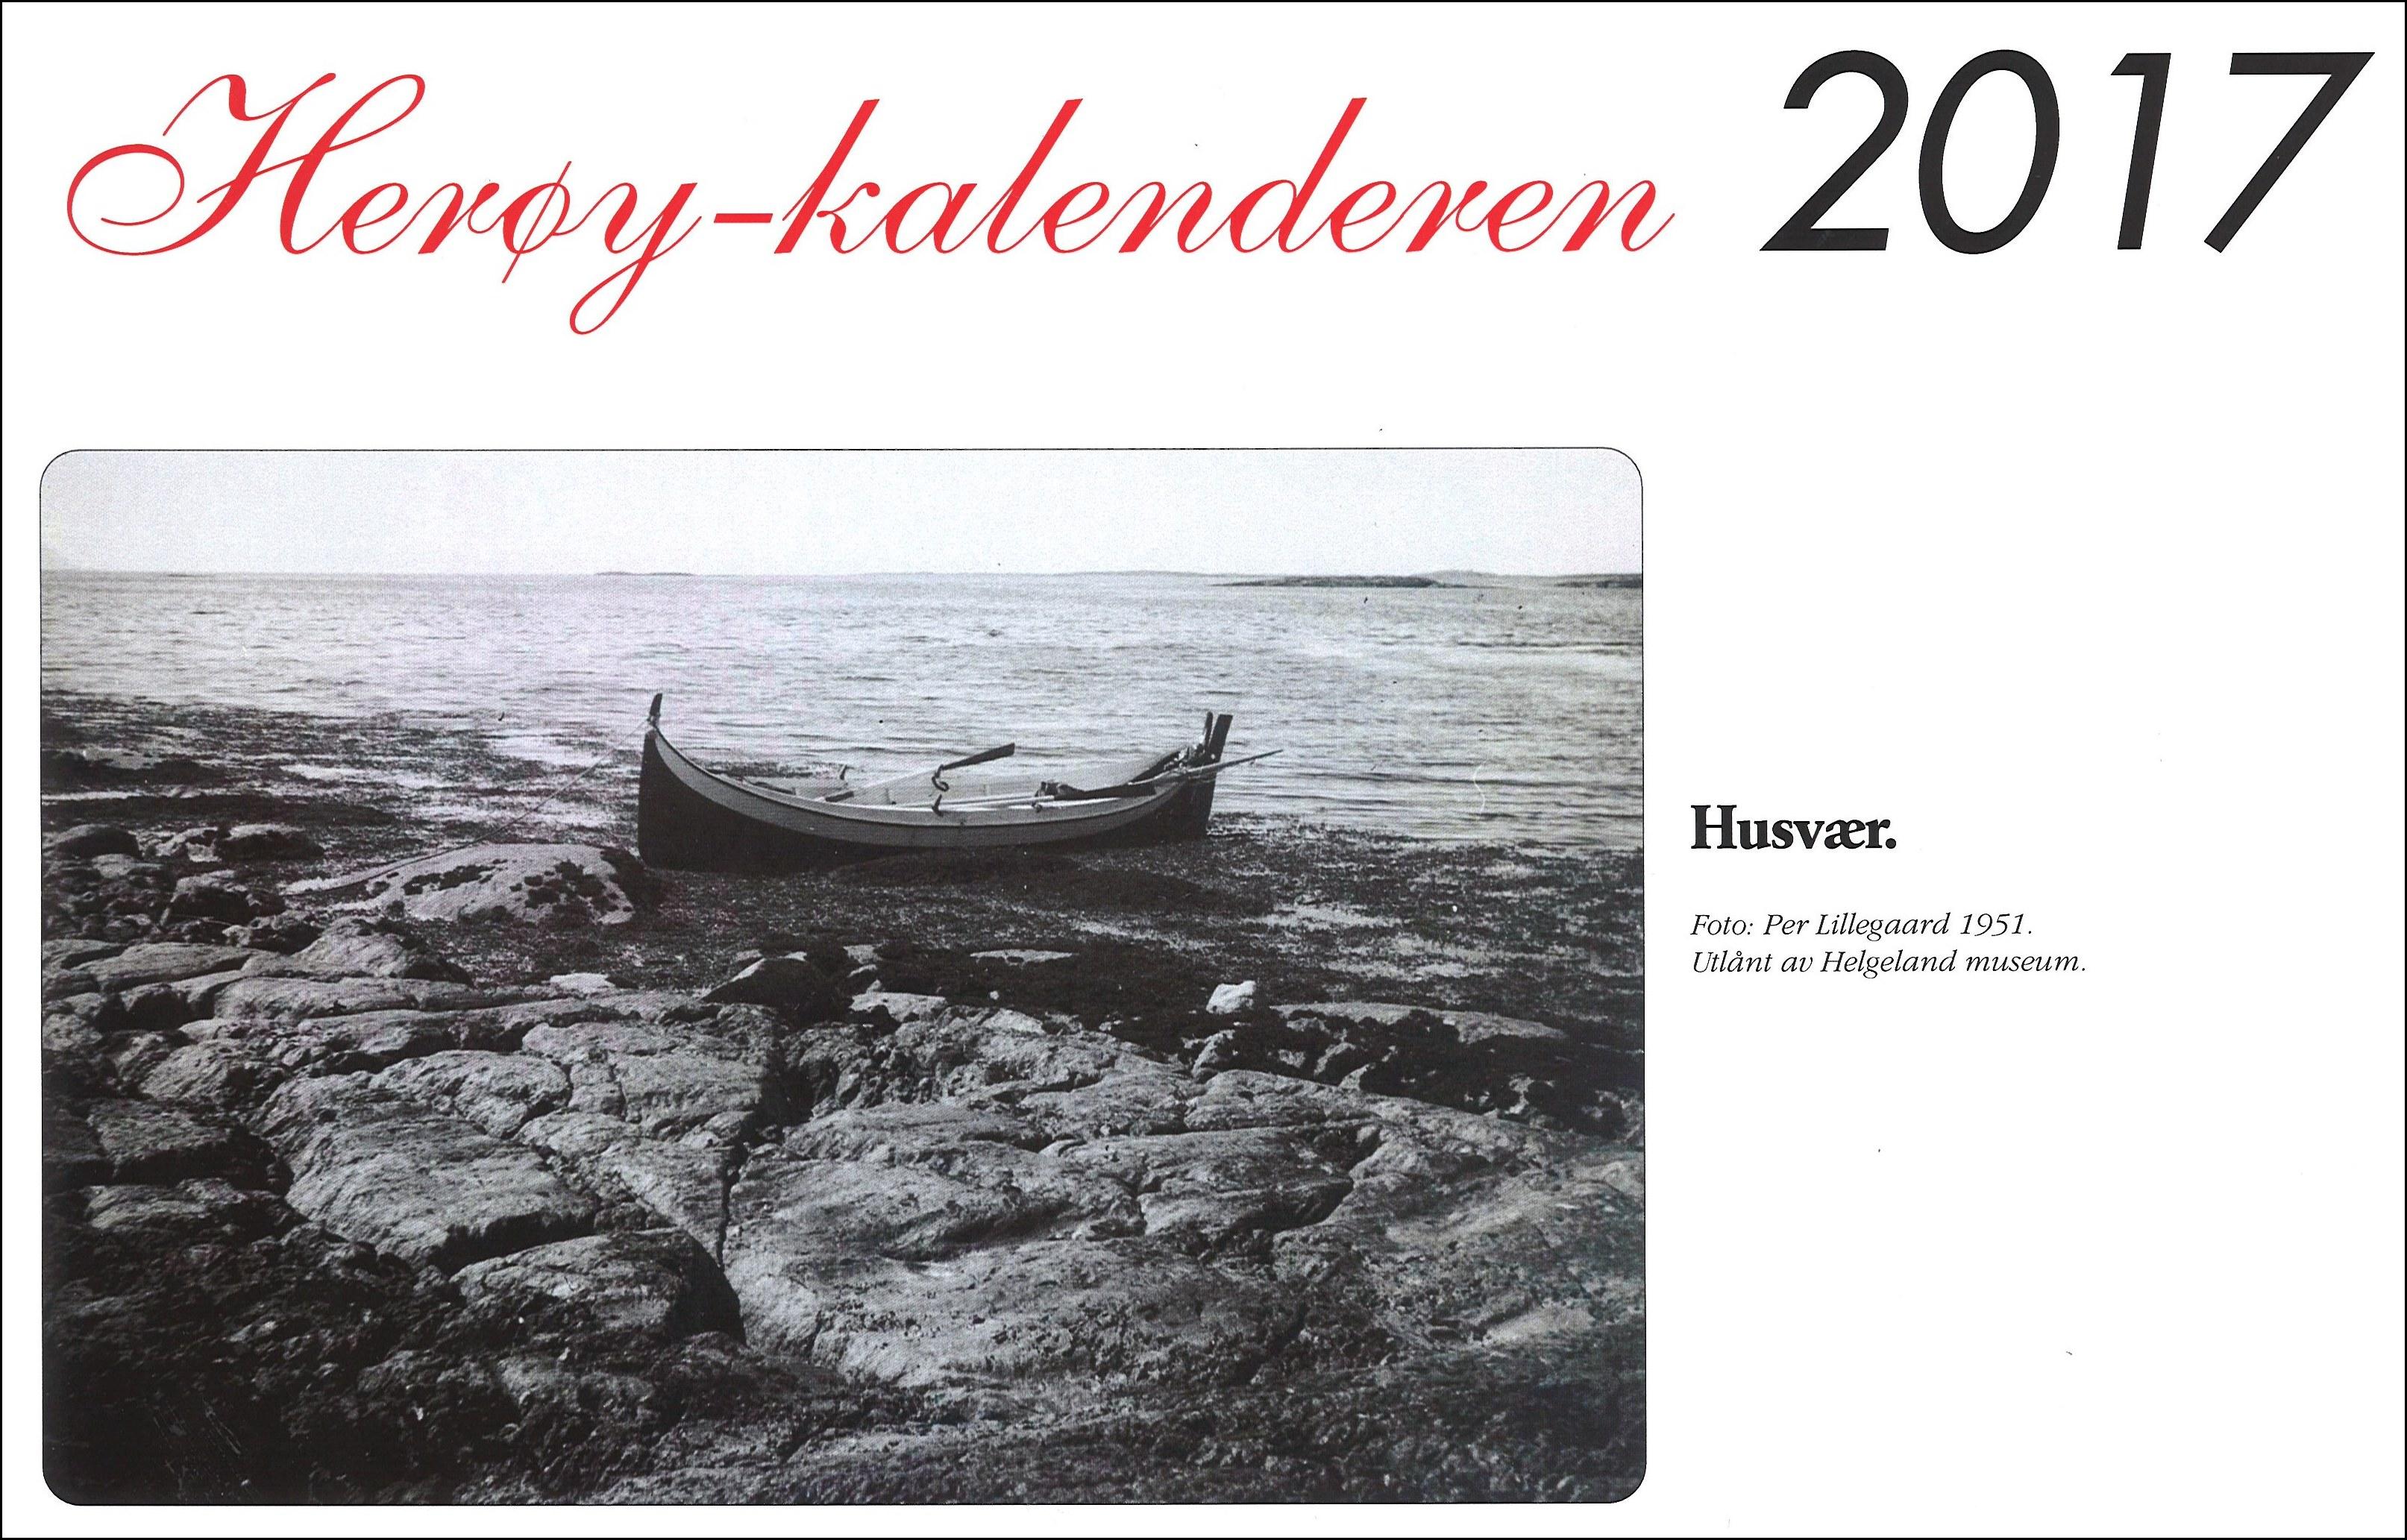 Herøykalenderen 2017